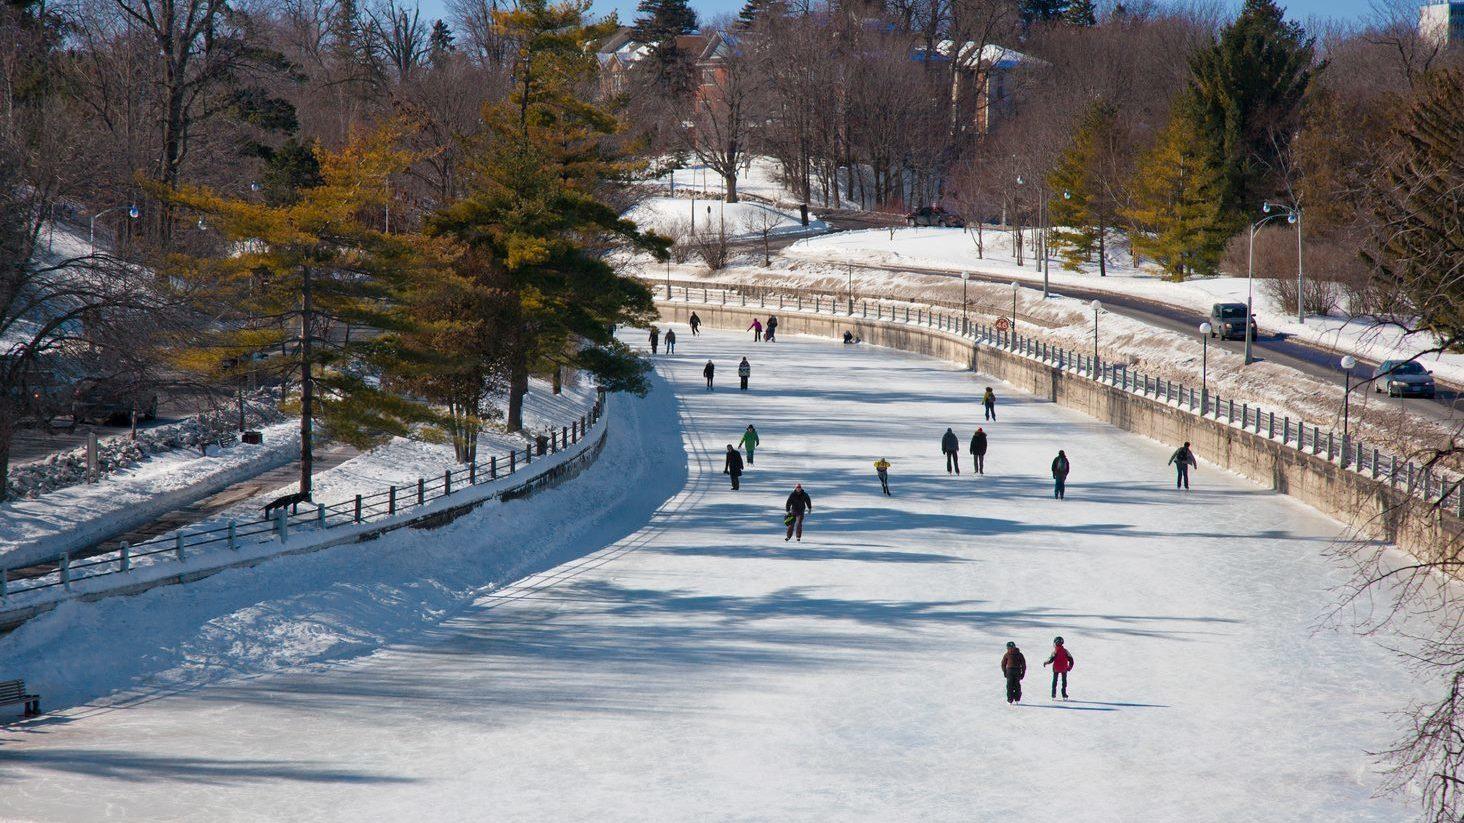 Quelques personnes patinent sur la patinoire du canal Rideau